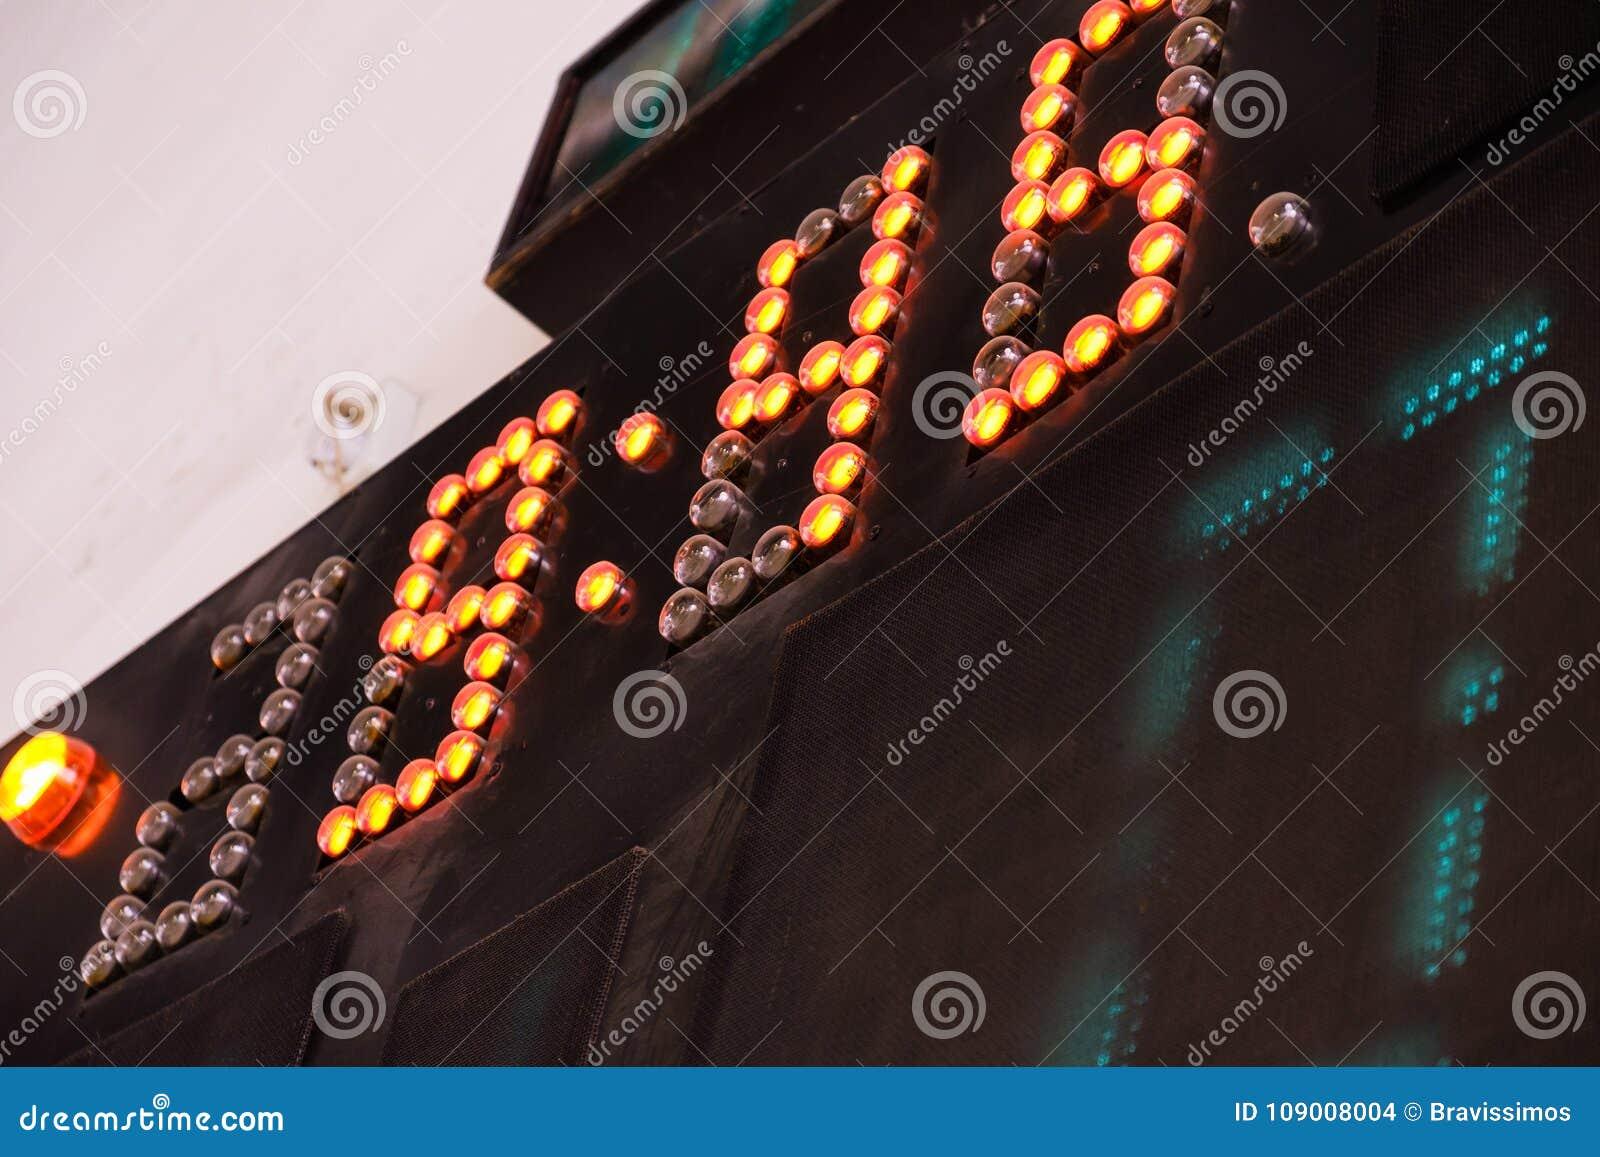 Vieux score de tableau indicateur de Digital Joueur de football sur le champ Champ de boule de Futsal dans le gymnase d intérieur